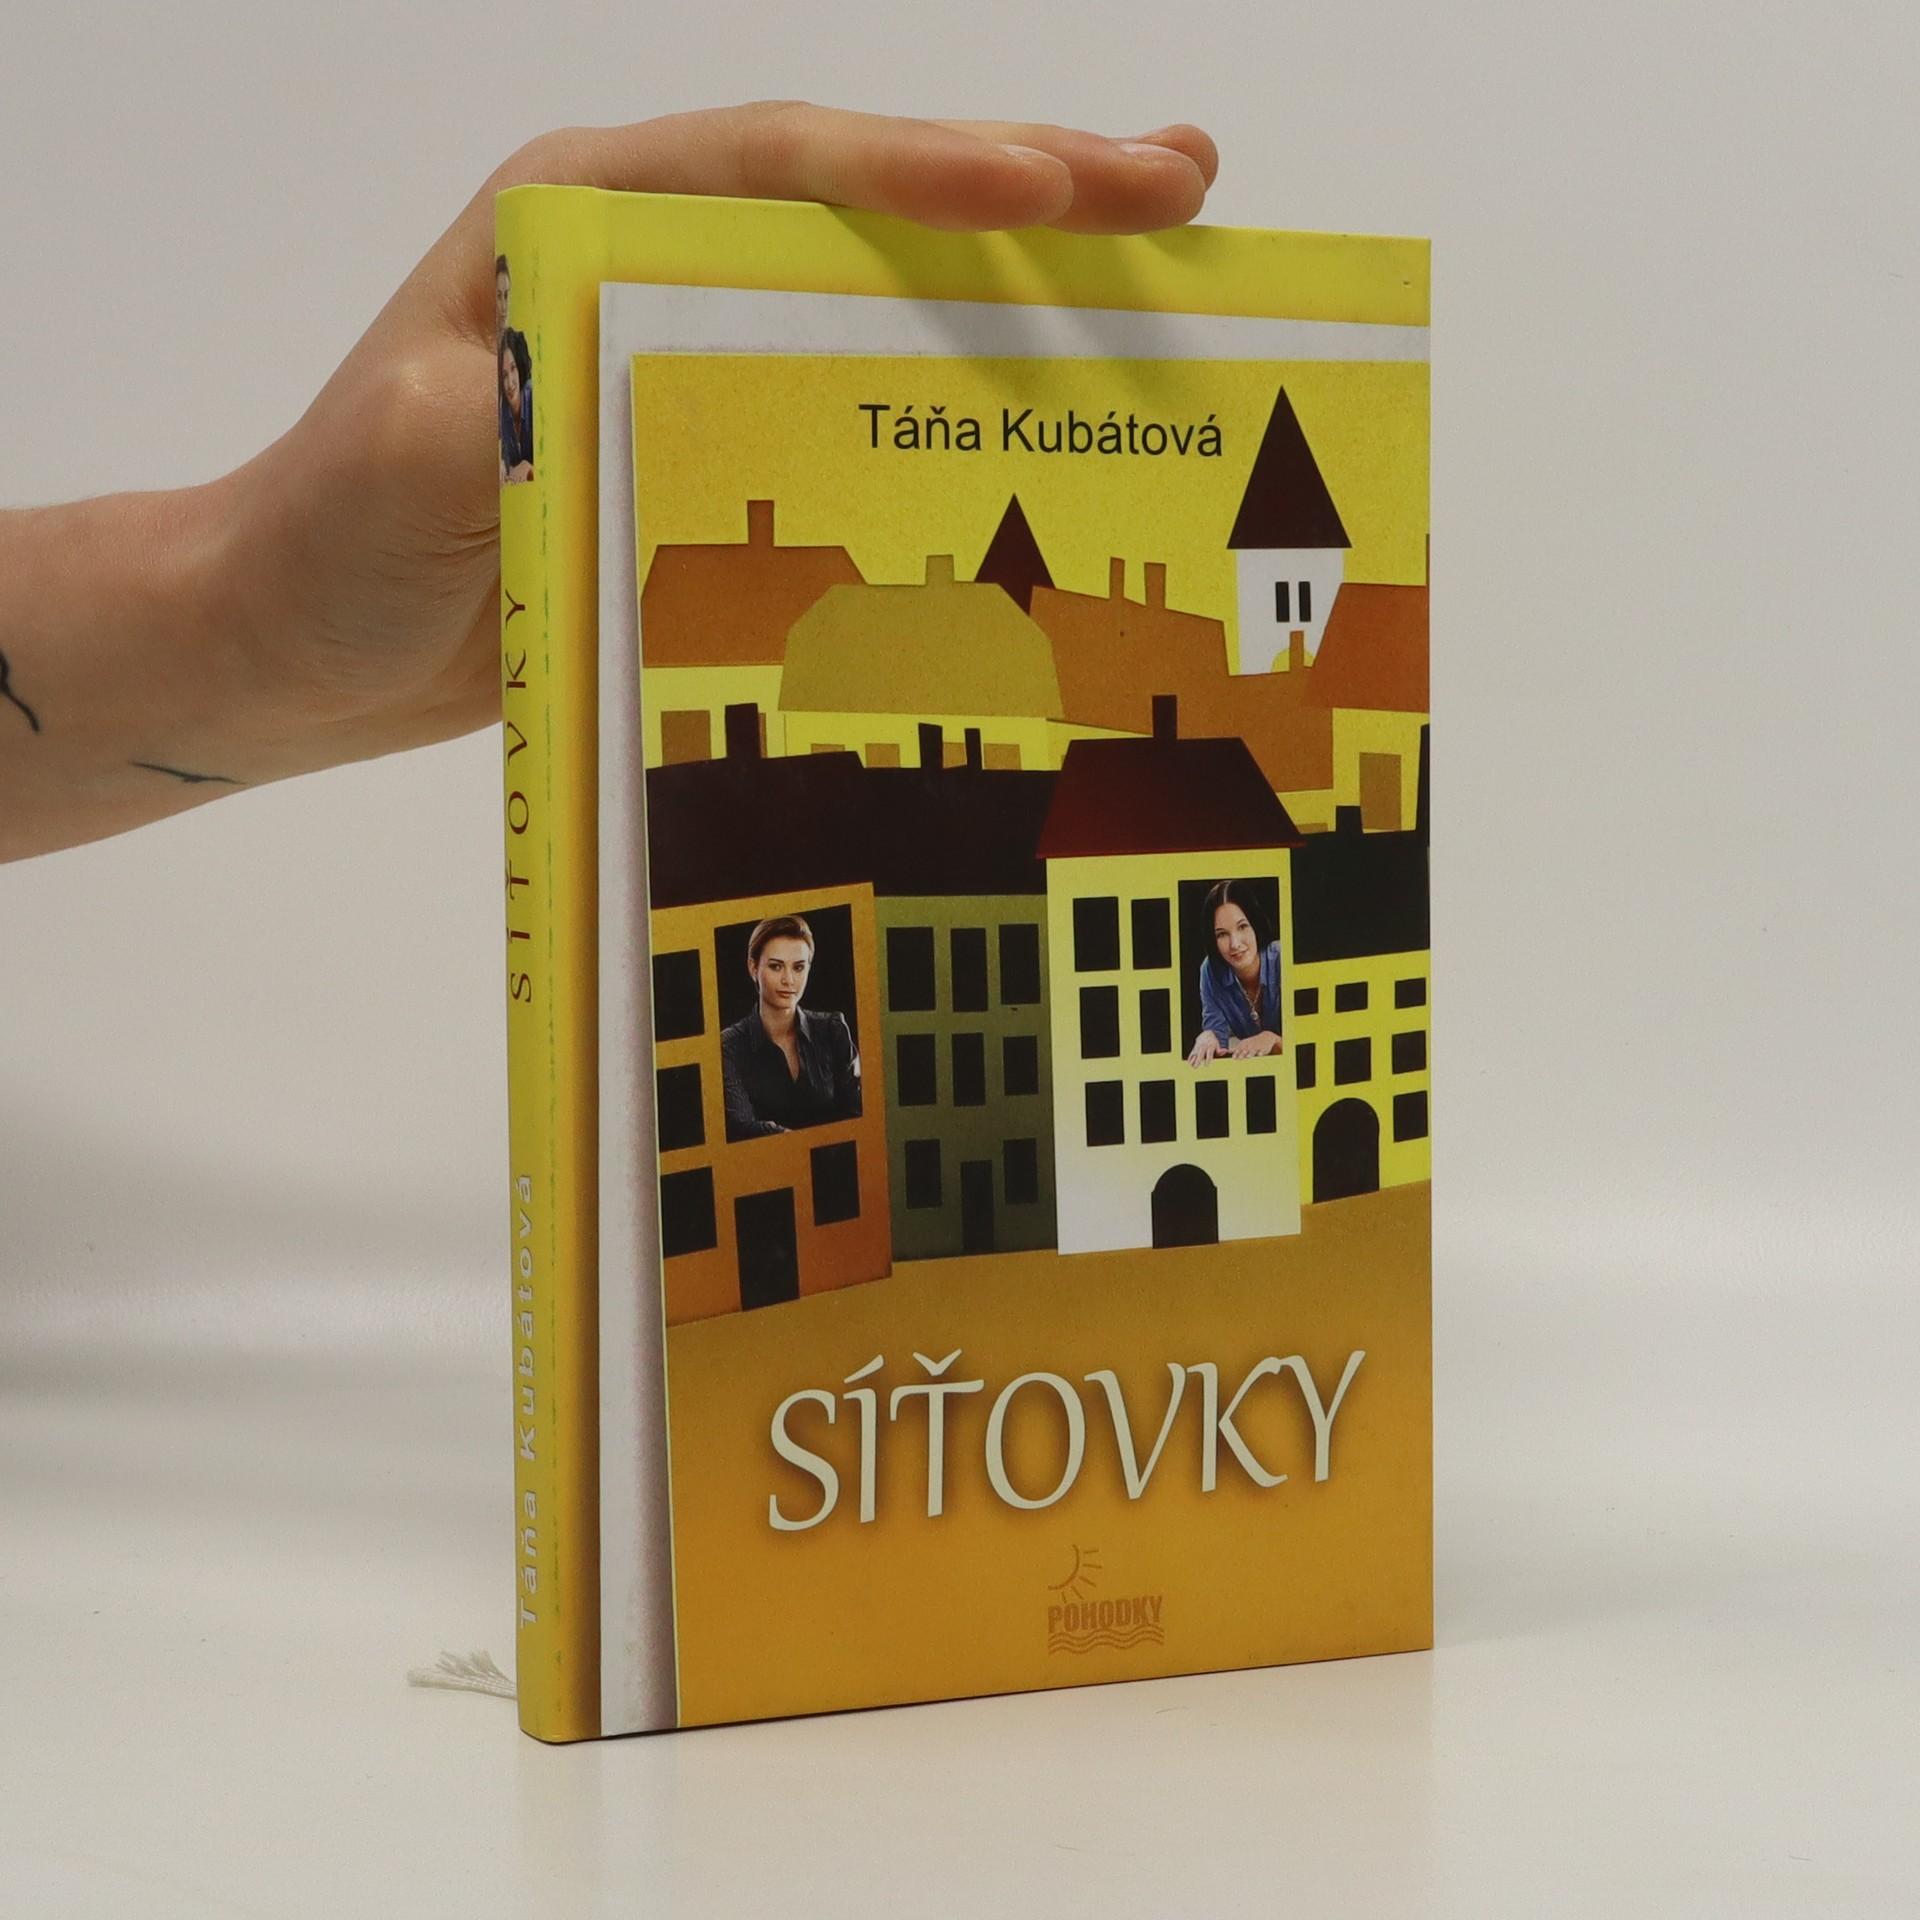 antikvární kniha Síťovky, 2017